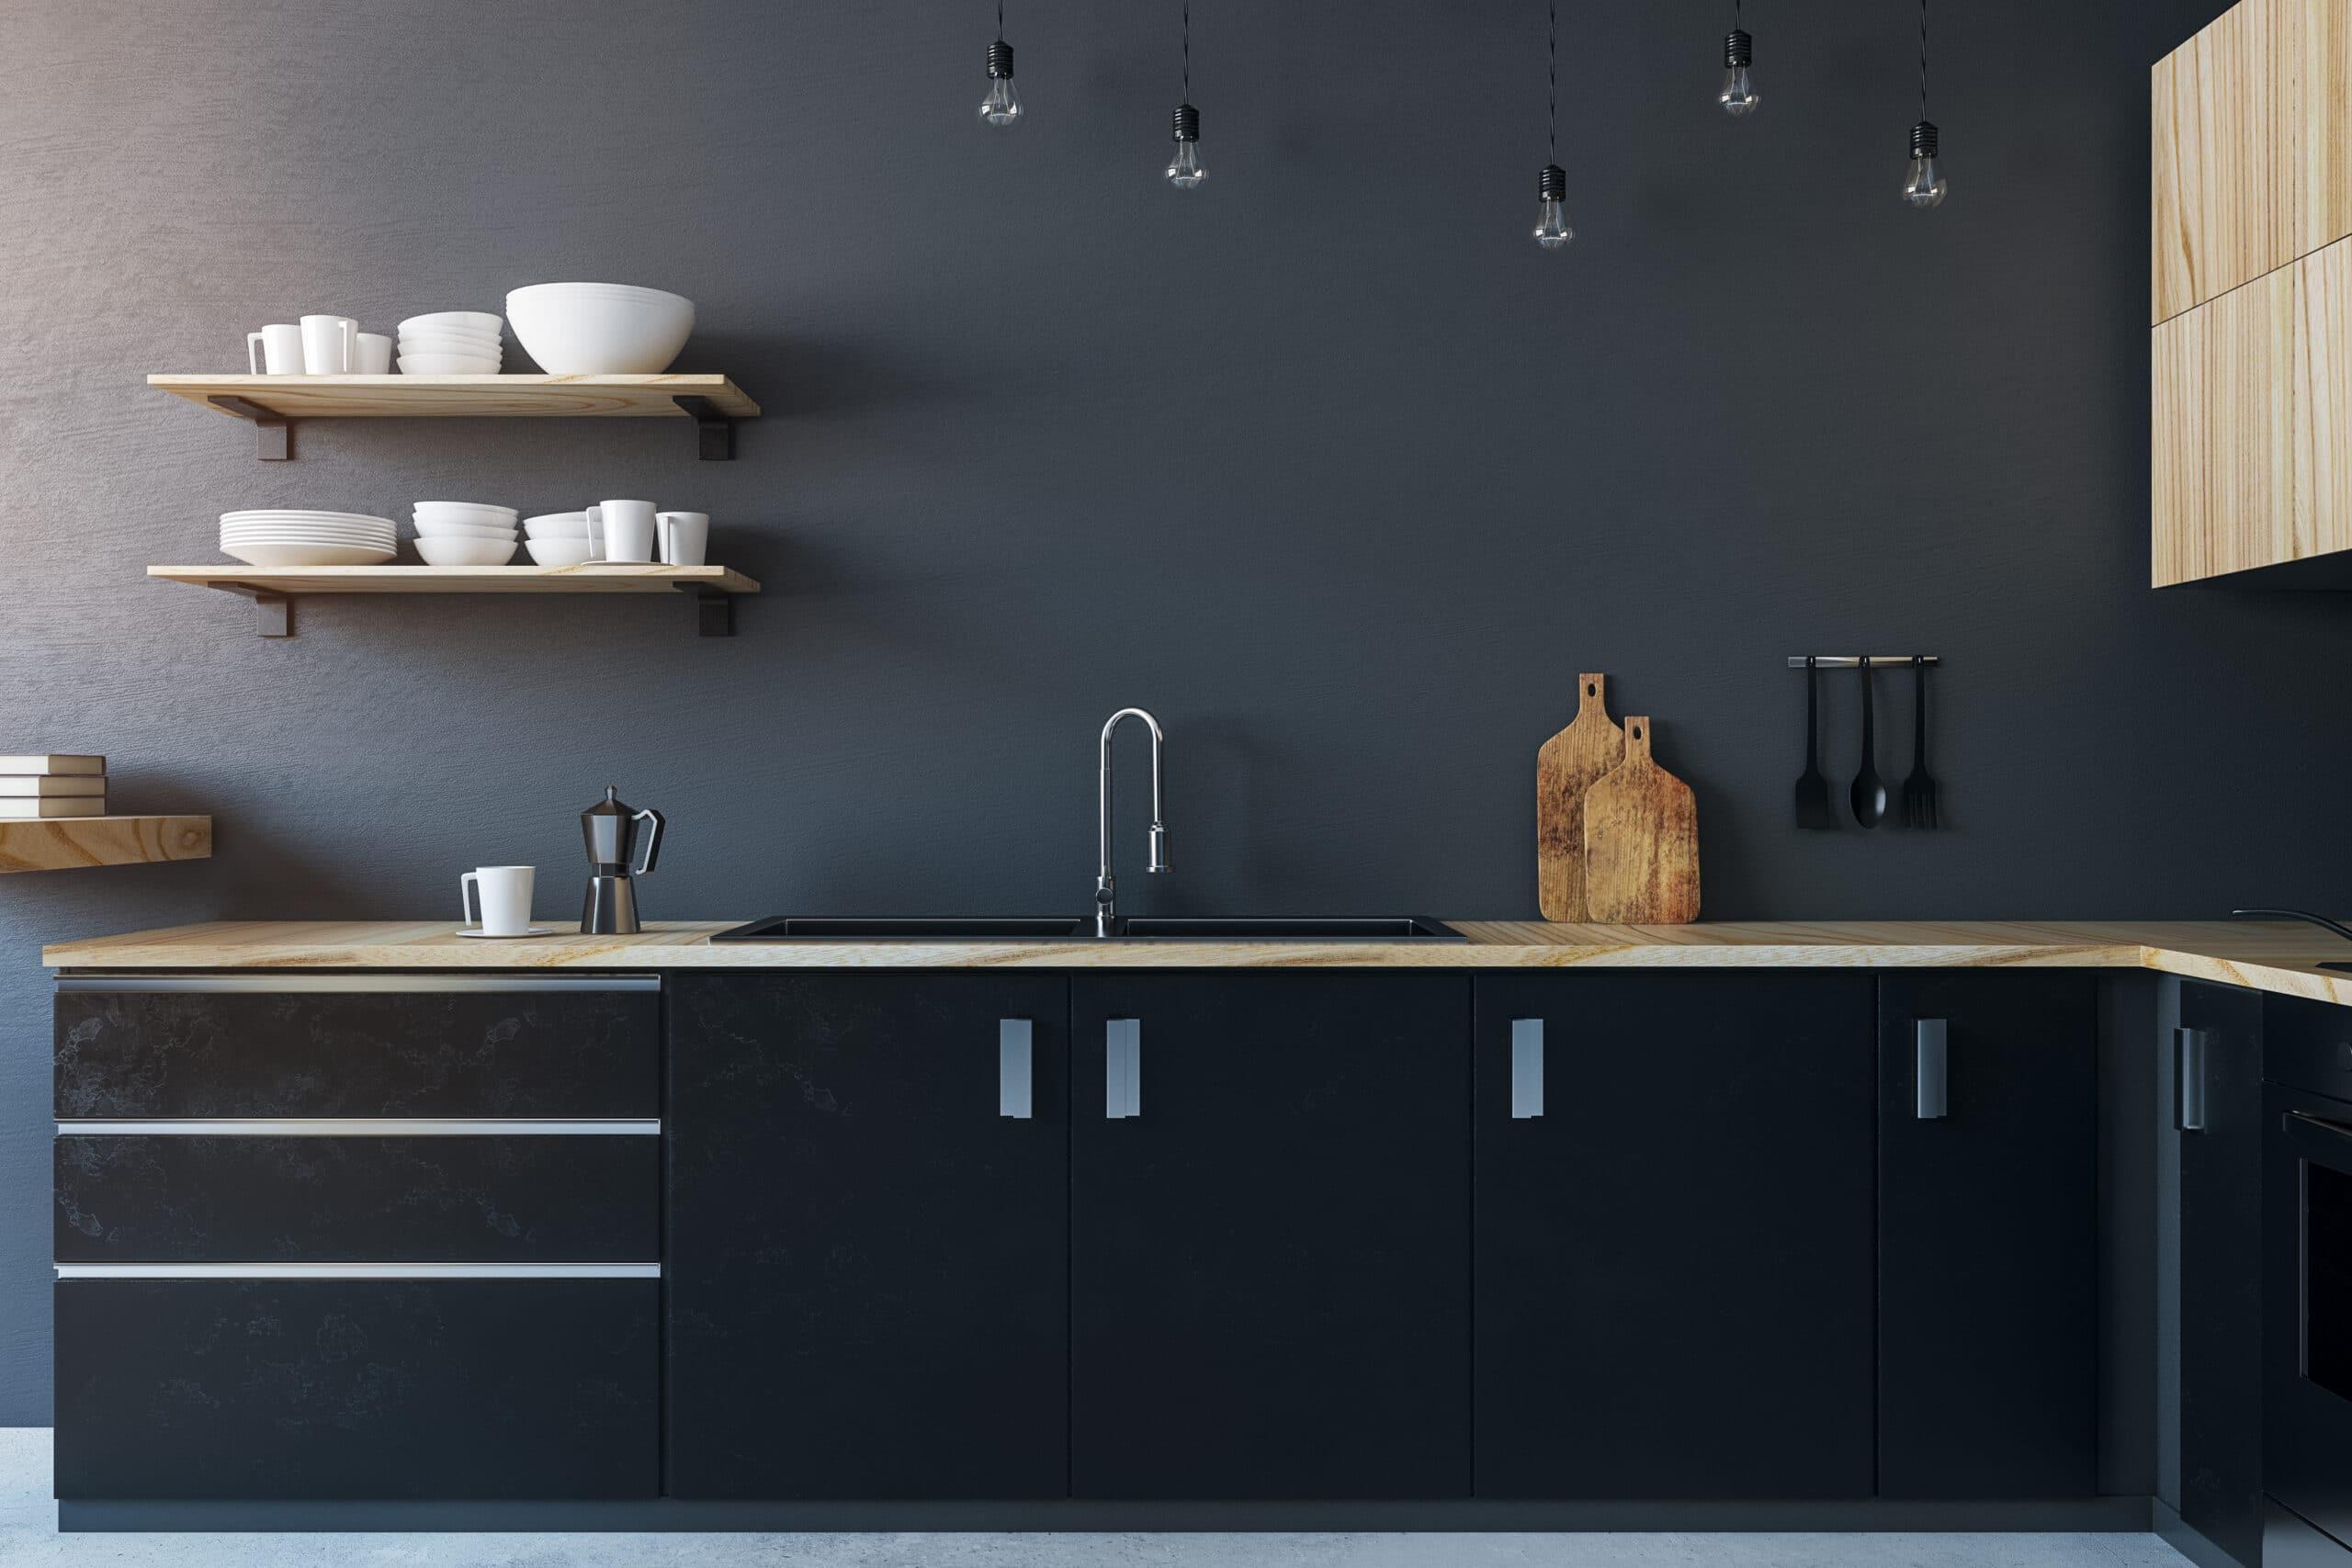 מטבח בצבע שחור עם ברז מתכת דגם 38 DS